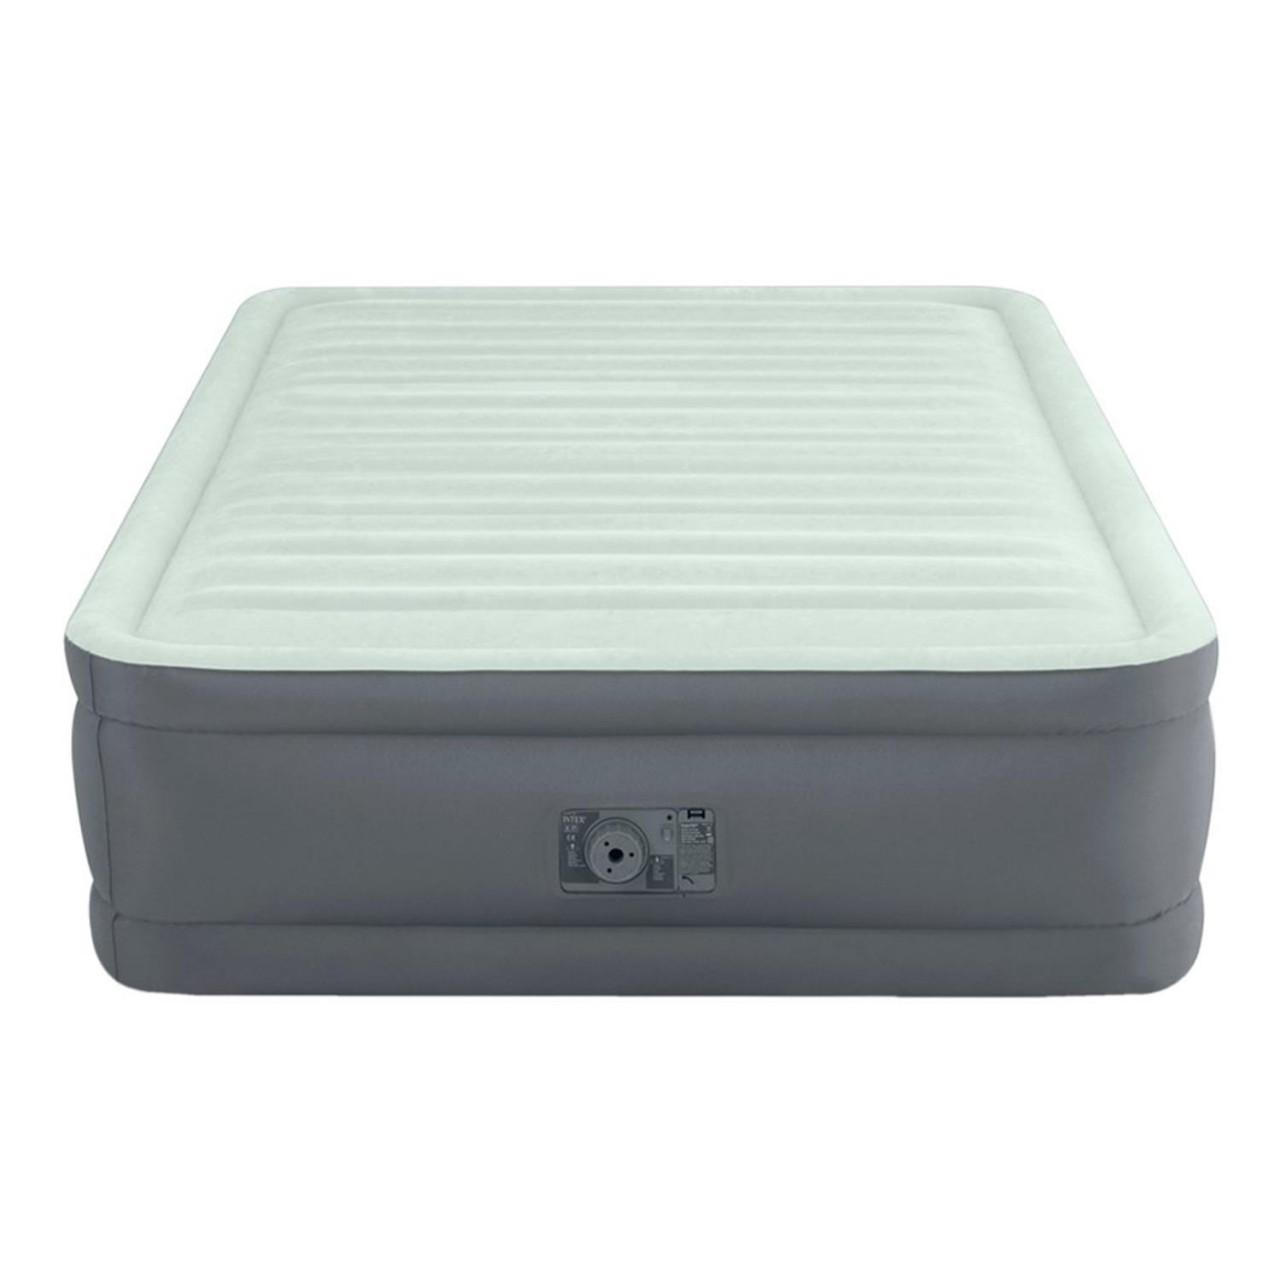 Intex Luftbett mit Pumpe PremAire Gästebett 191x137x46cm selbstaufblasend 64904